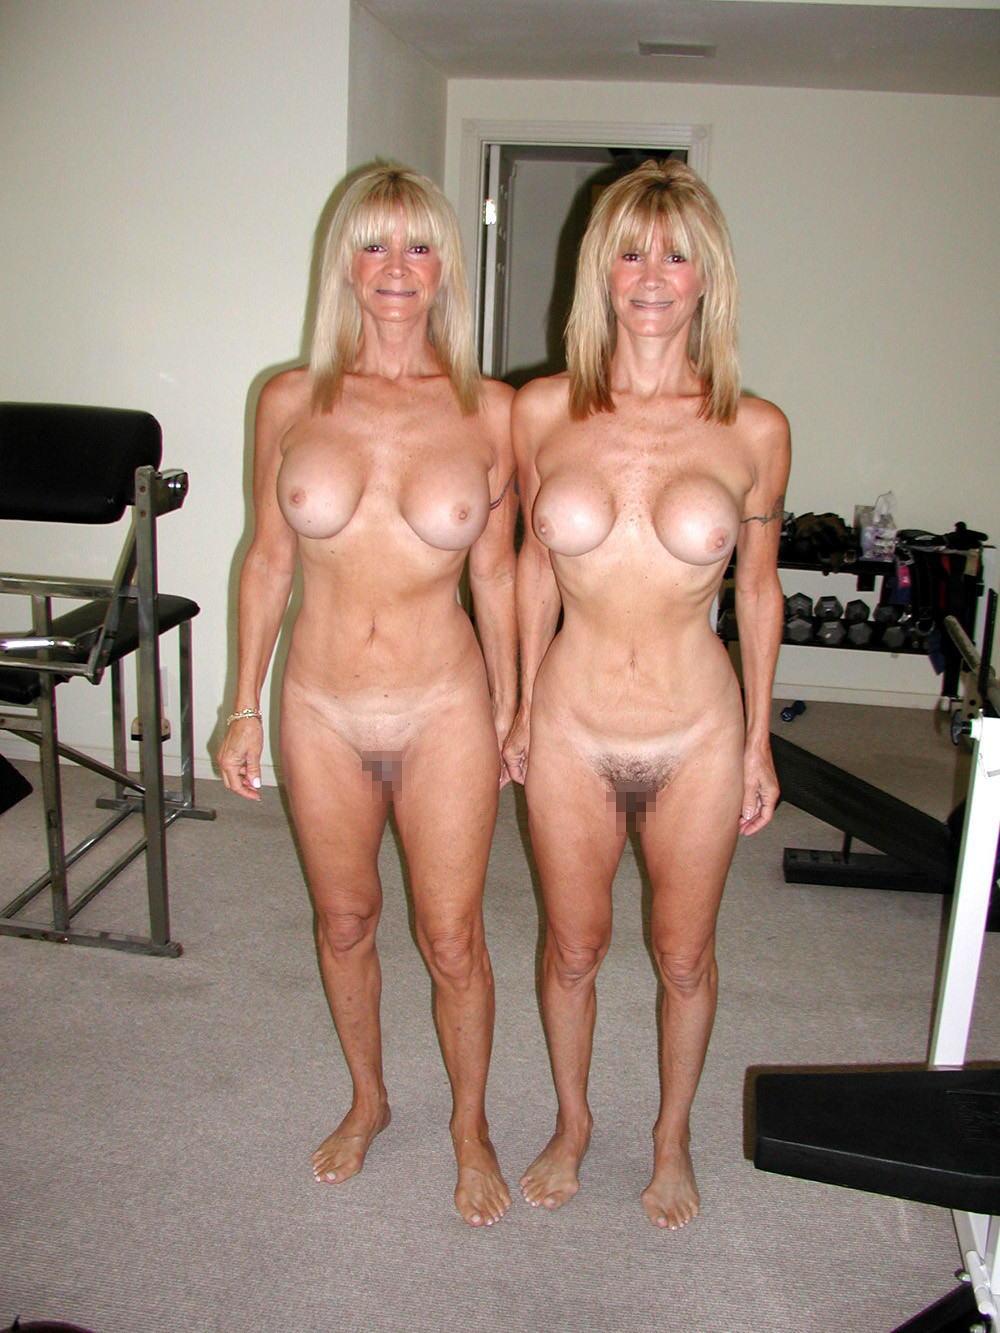 一卵性双生児 双子 姉妹 ツインズ ヌード 全裸 エロ画像【37】